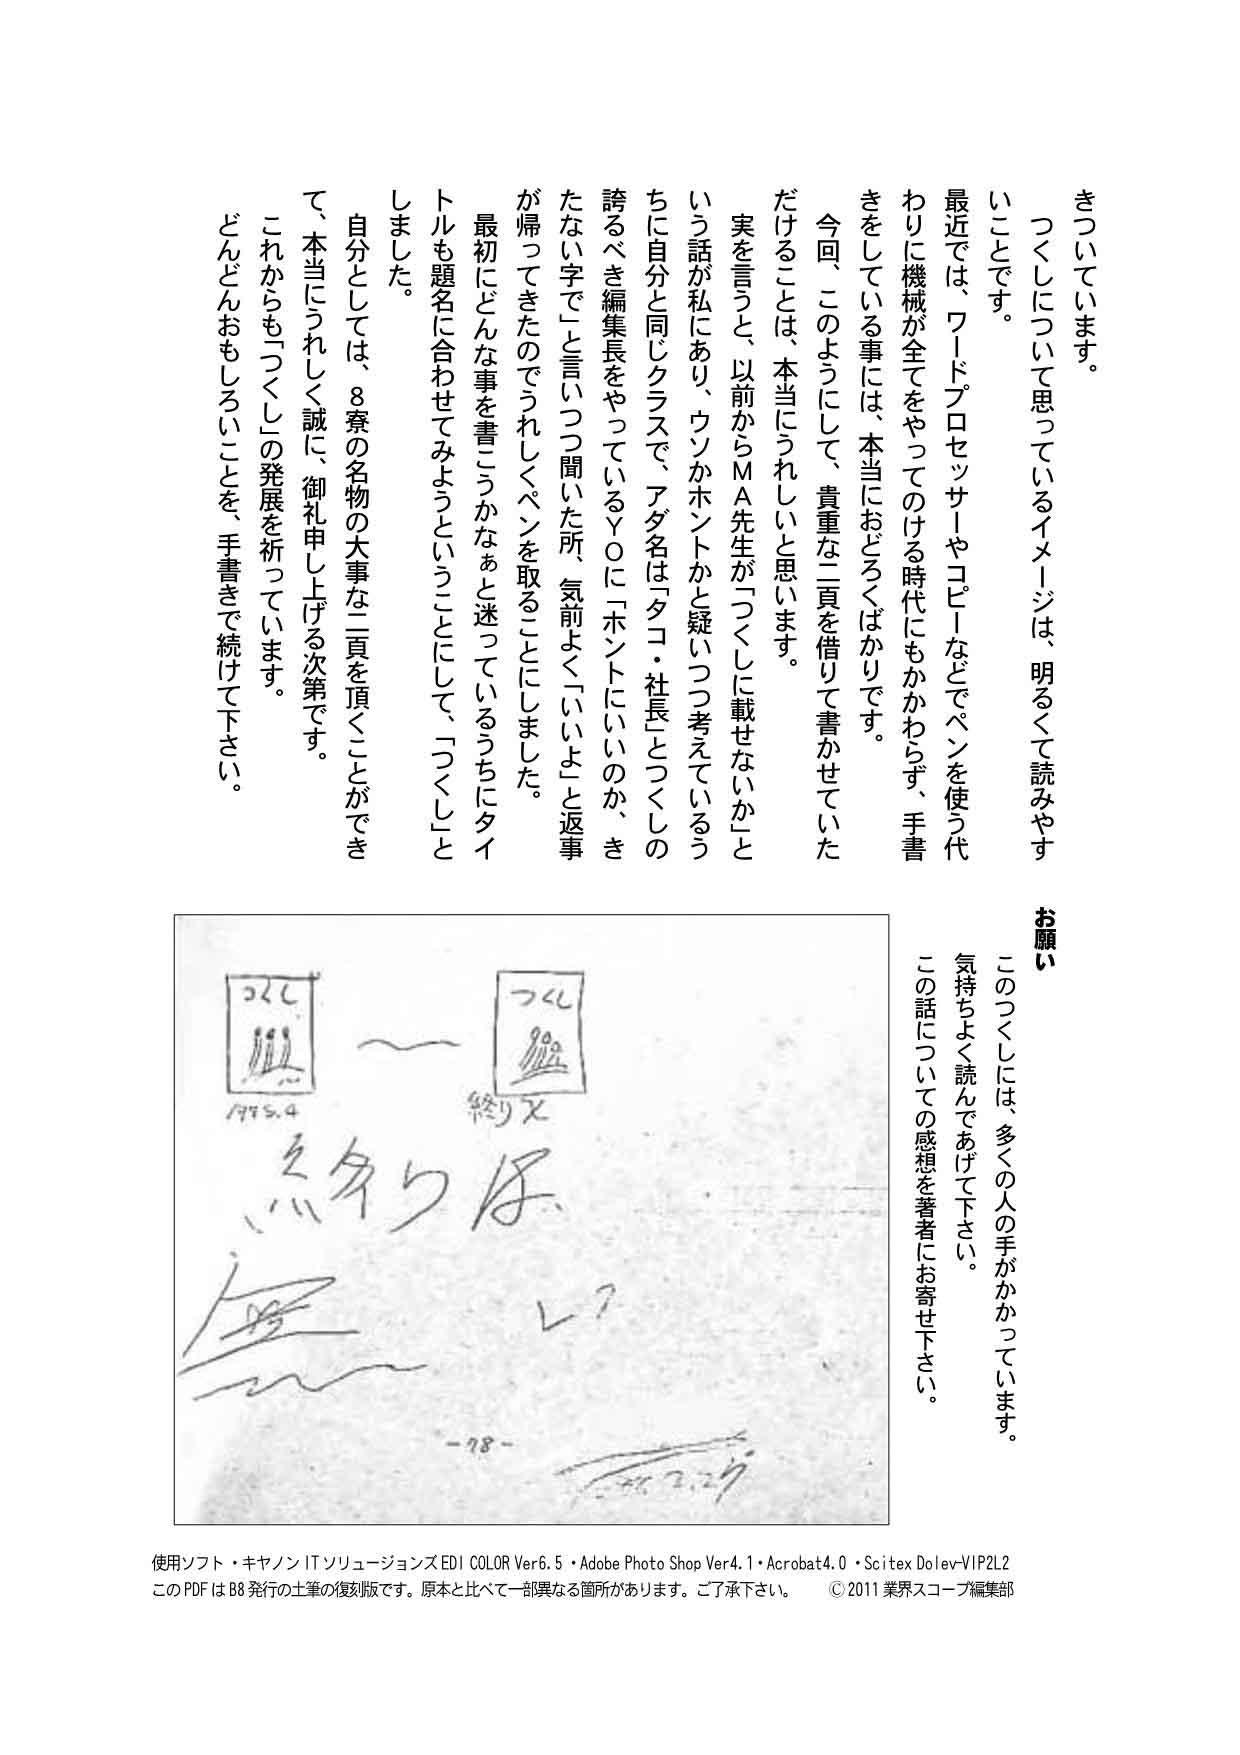 tsukushifukkoku04.jpg